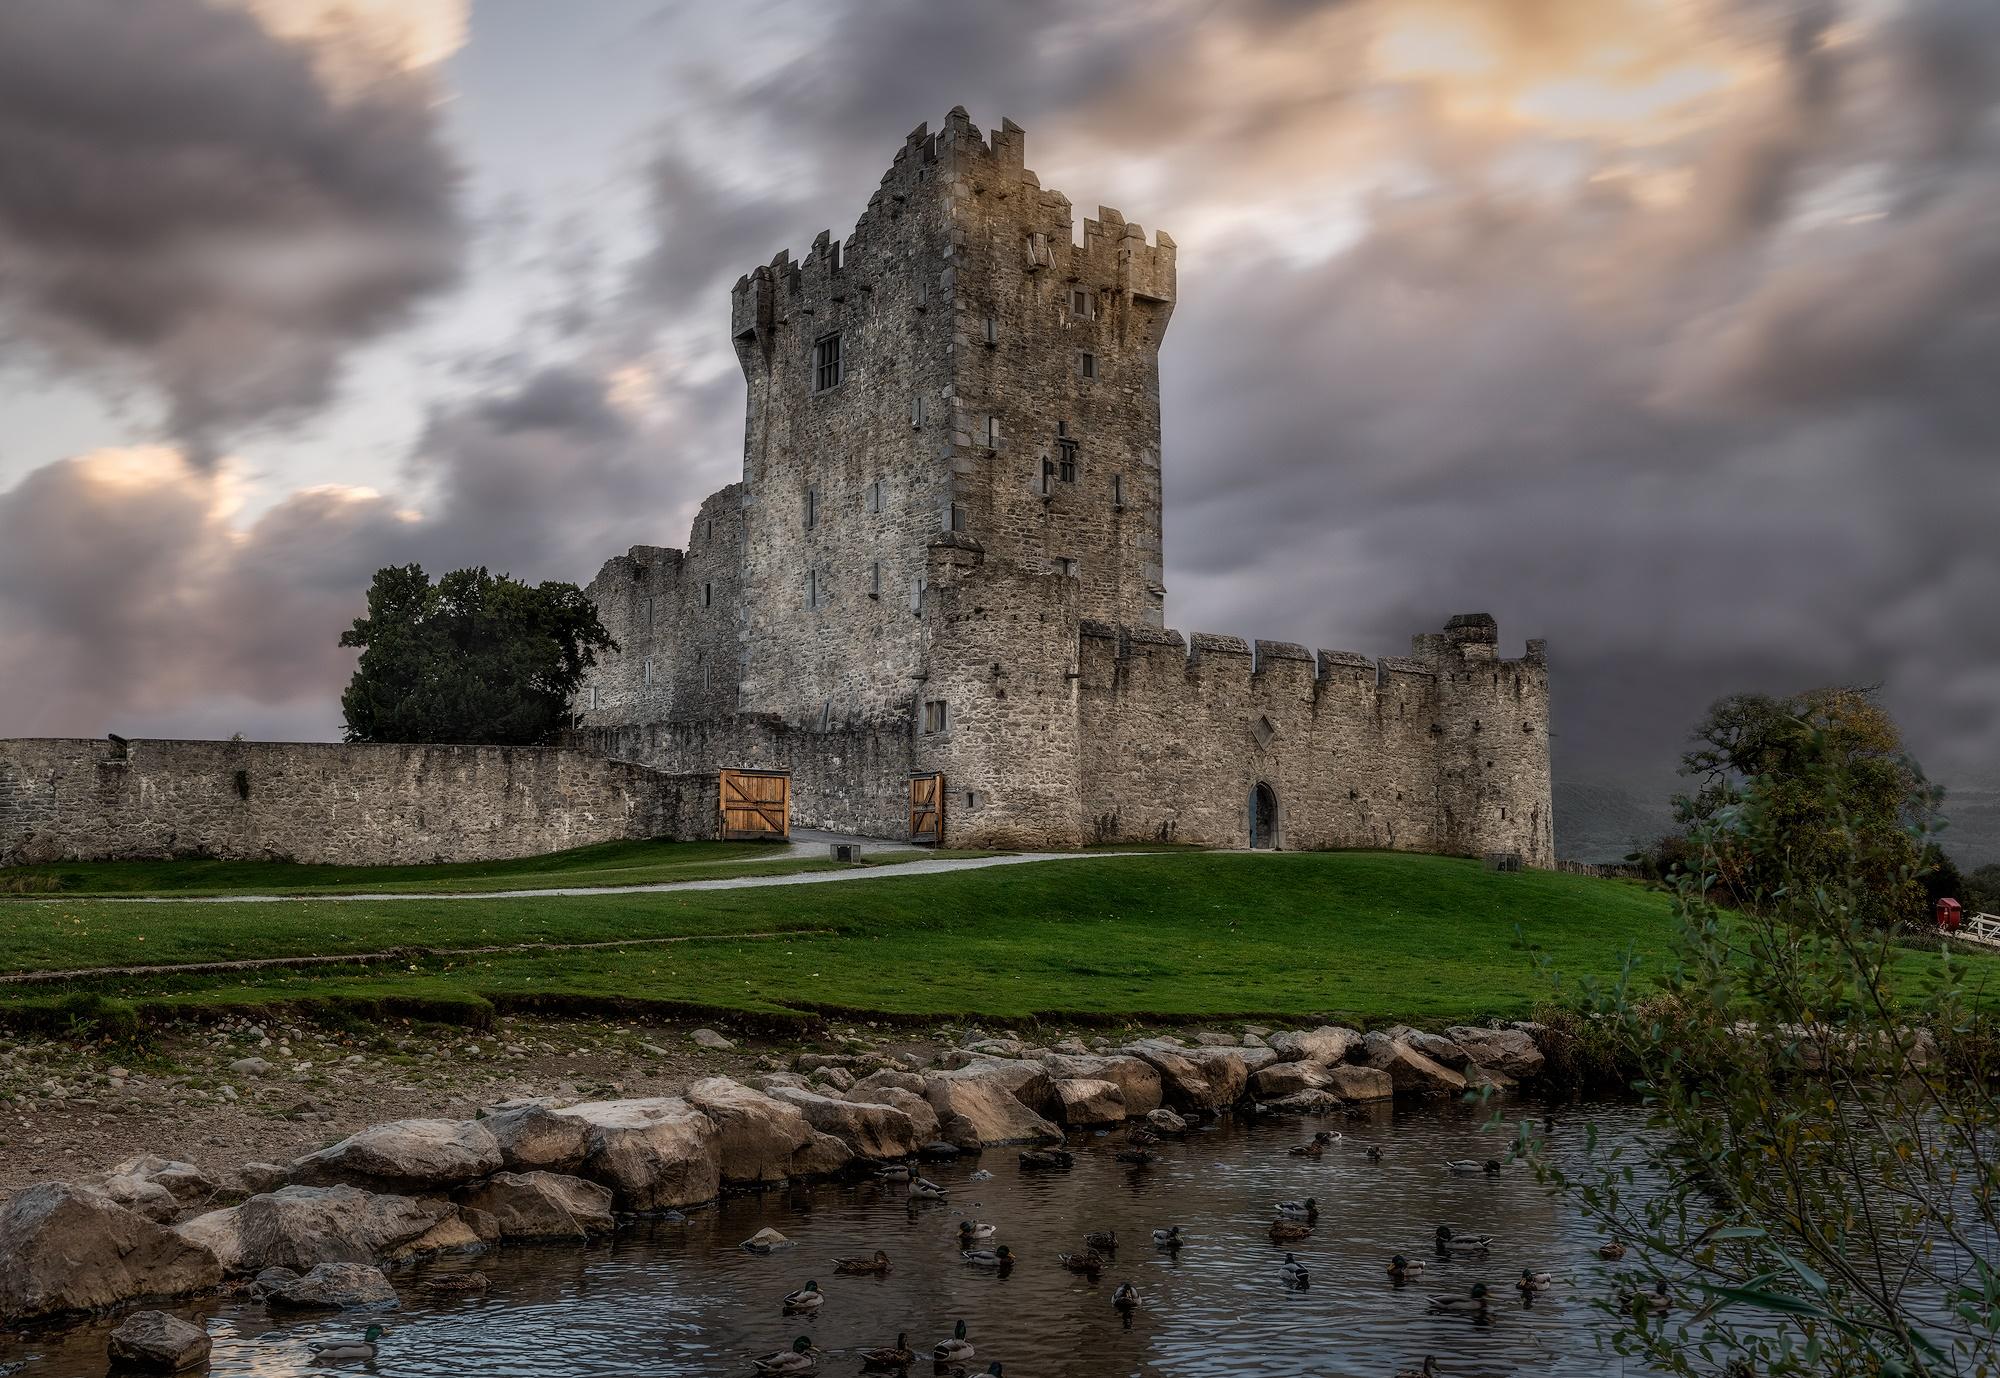 Ross Castle in Ireland taken by Greg Smith